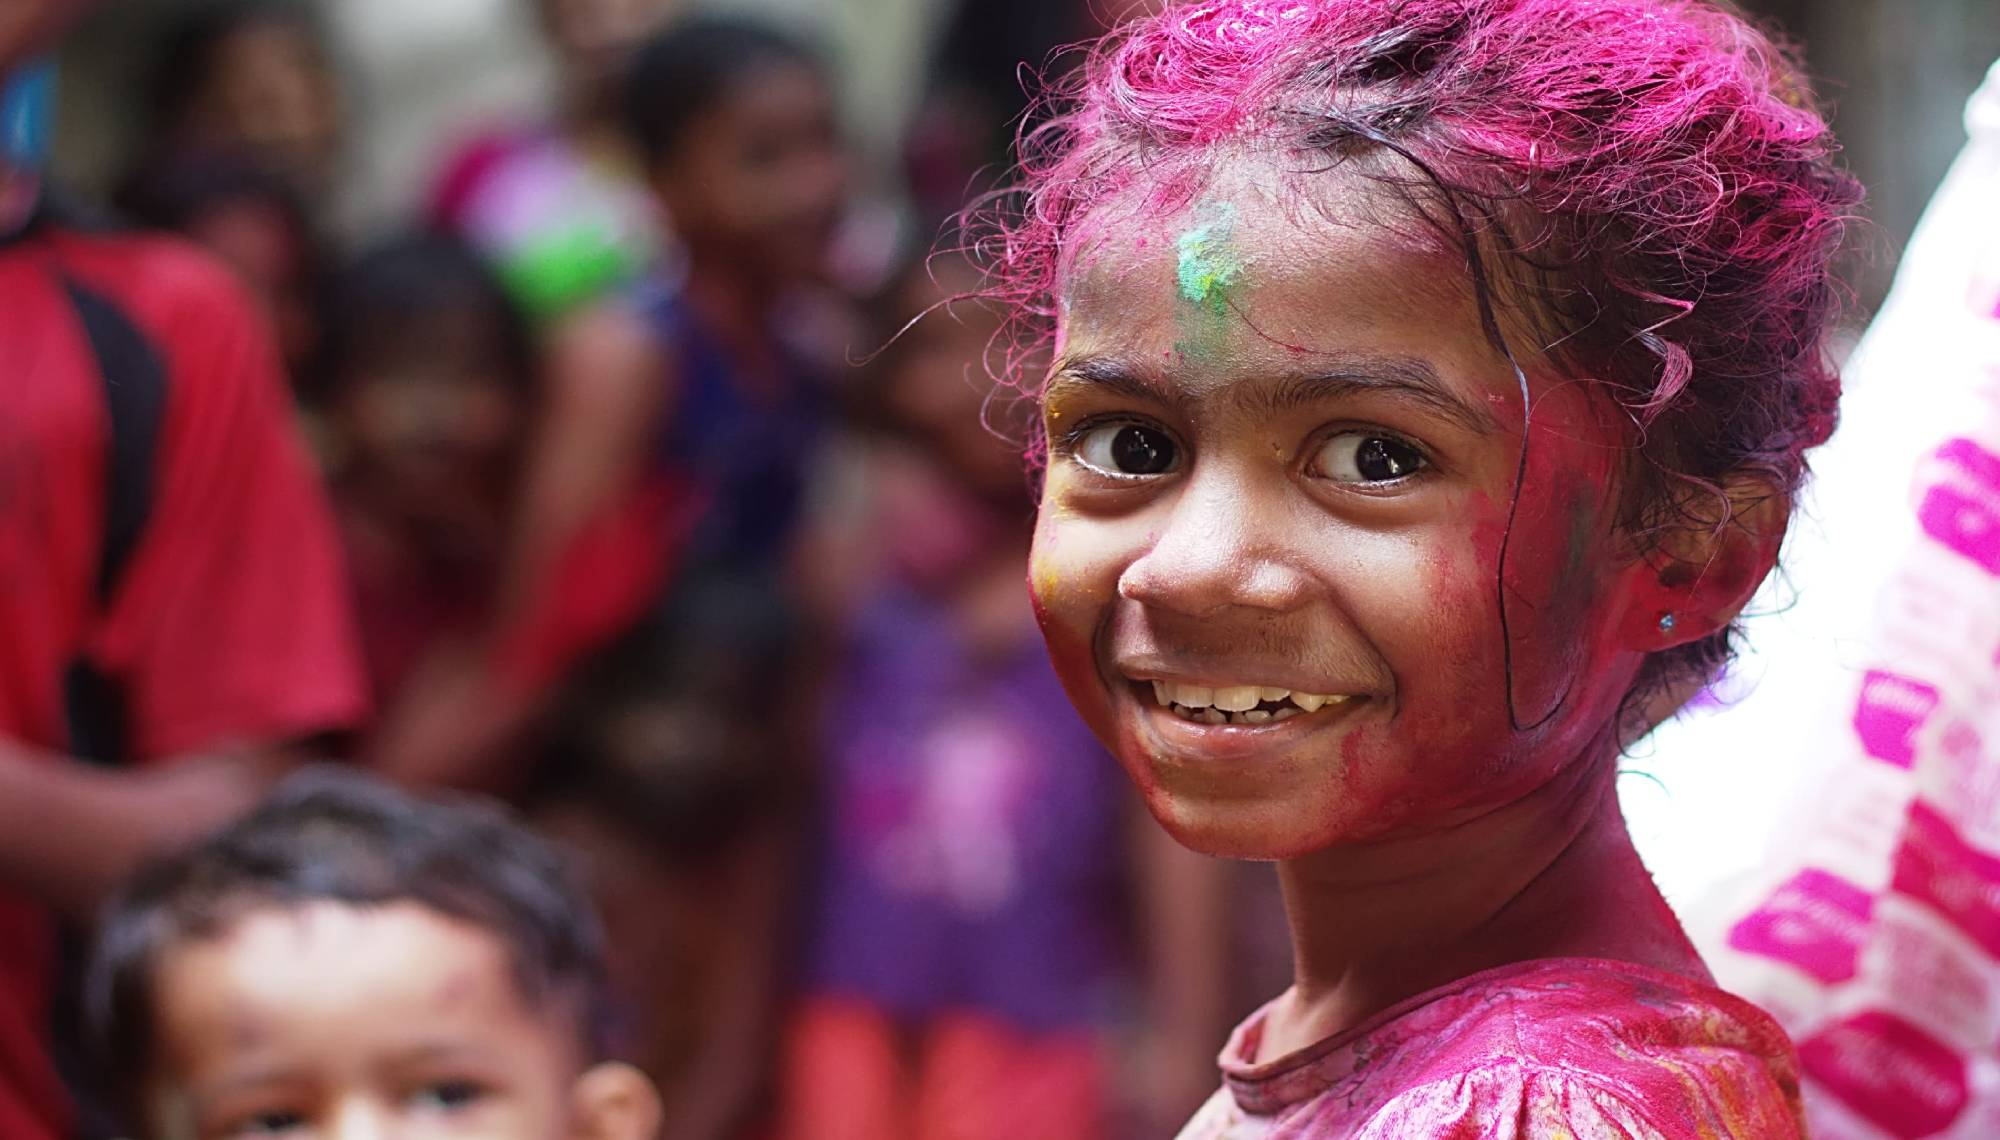 Voluntariado en Jaipur con niños